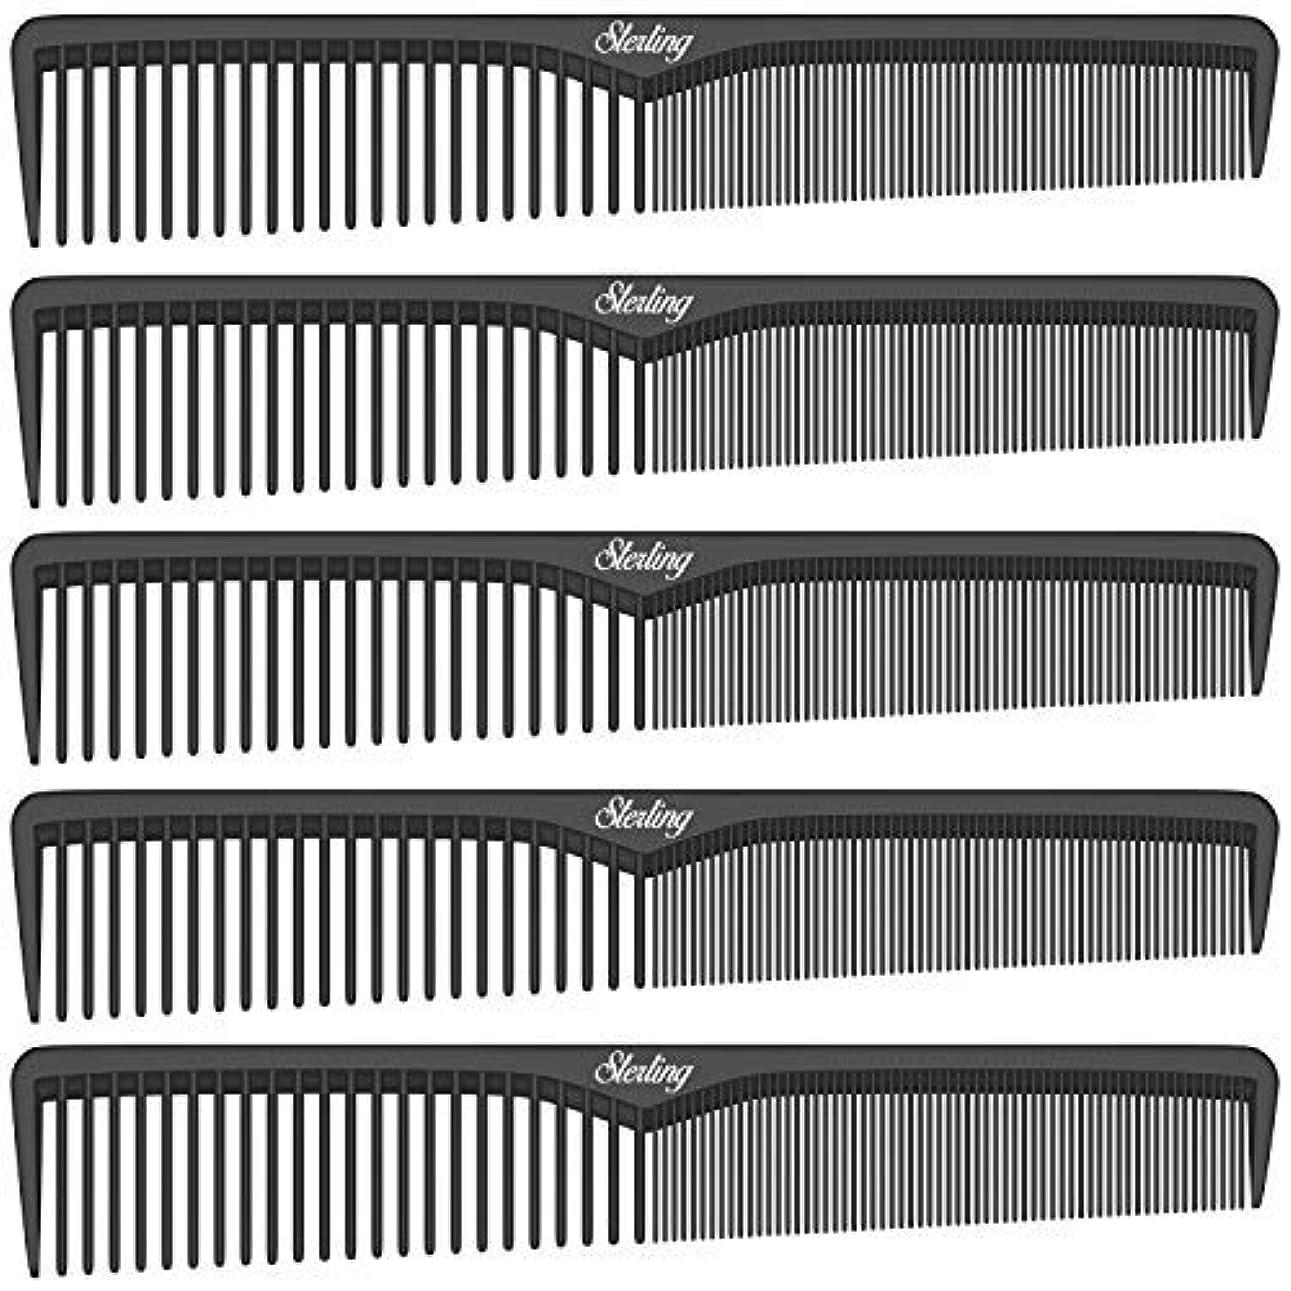 アデレード母性タイプライターSterling Beauty Tools Styling Combs, Professional 7